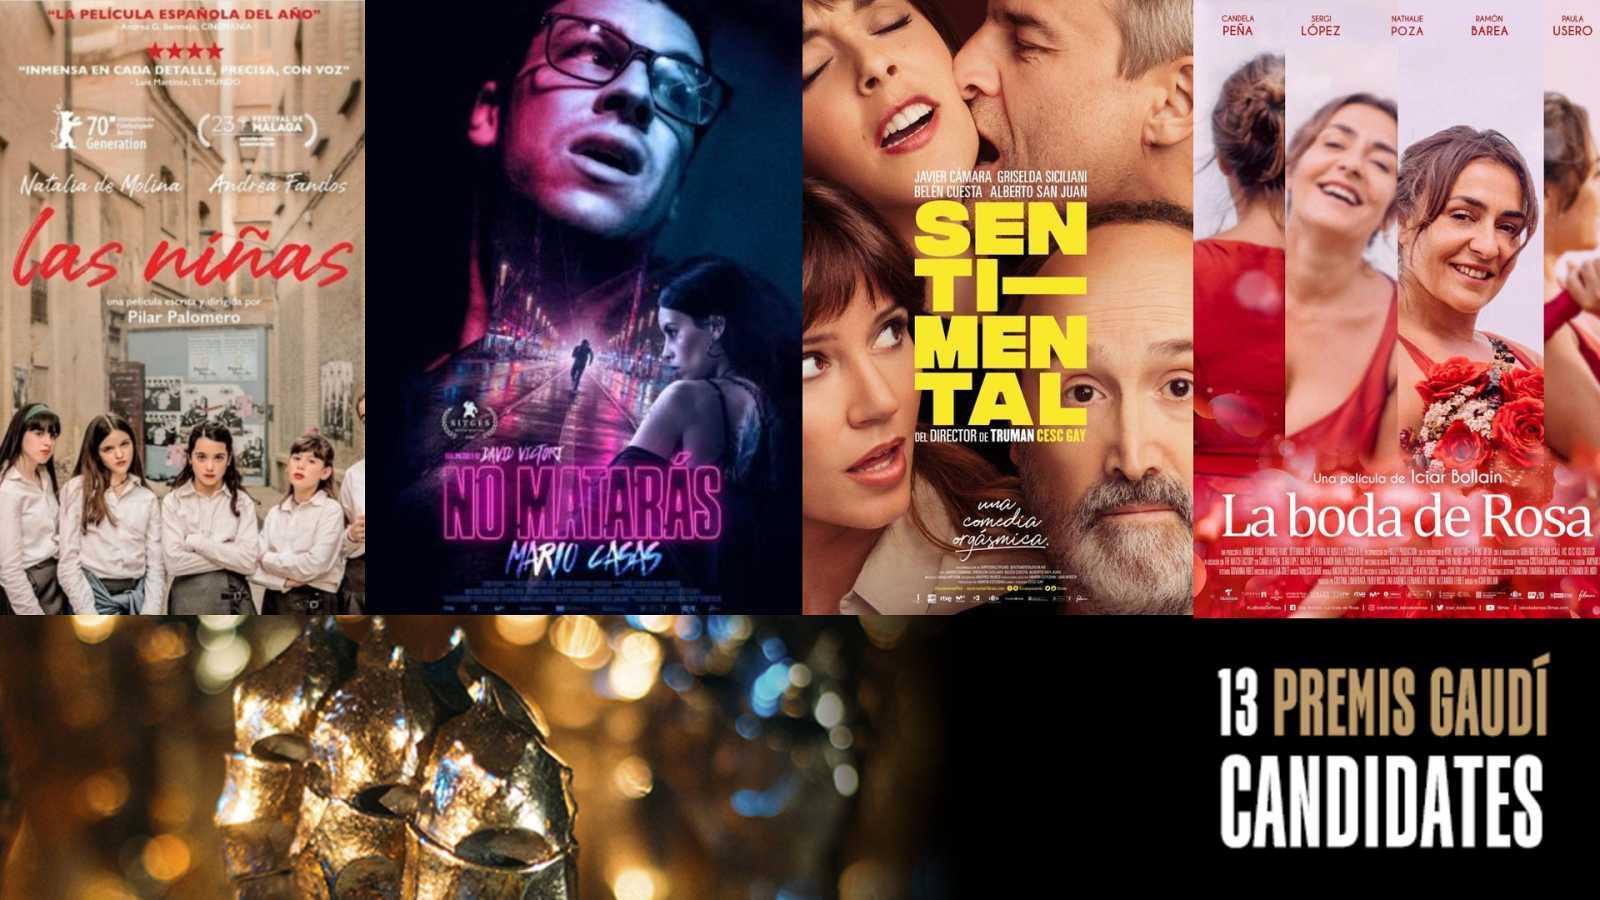 Les pel·lícules 'Las niñas', 'No matarás', 'Sentimental' i 'La boda de rosa', participades per RTVE, candidates als Premis Gaudí 2020